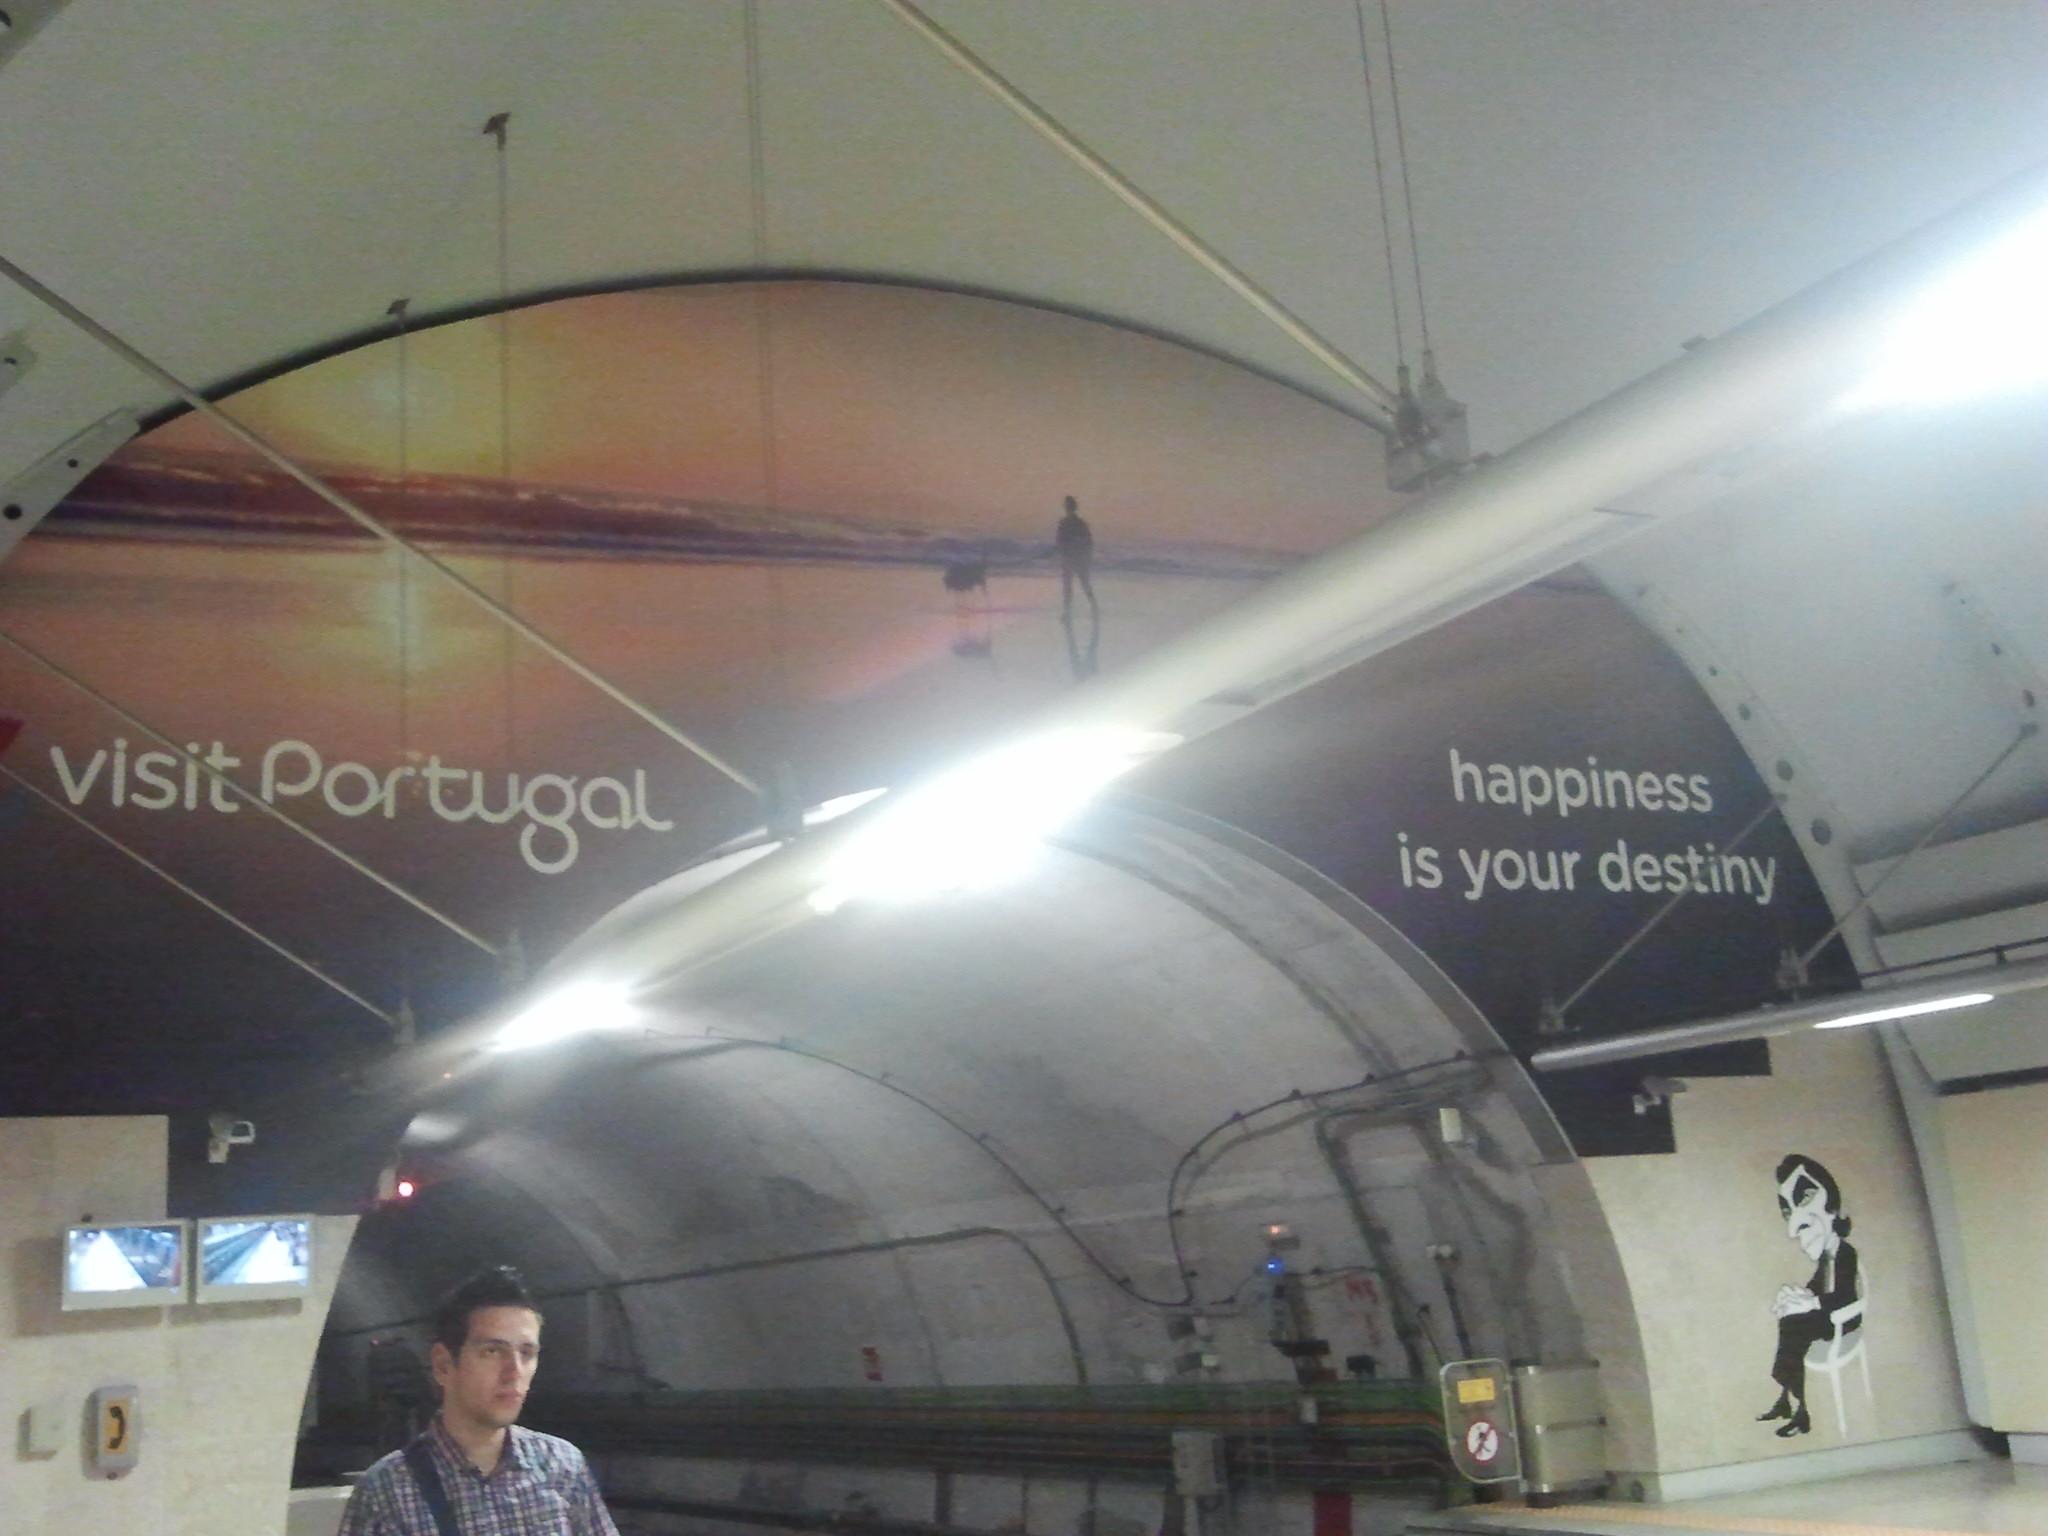 Metrou Aeroporto Lisboa